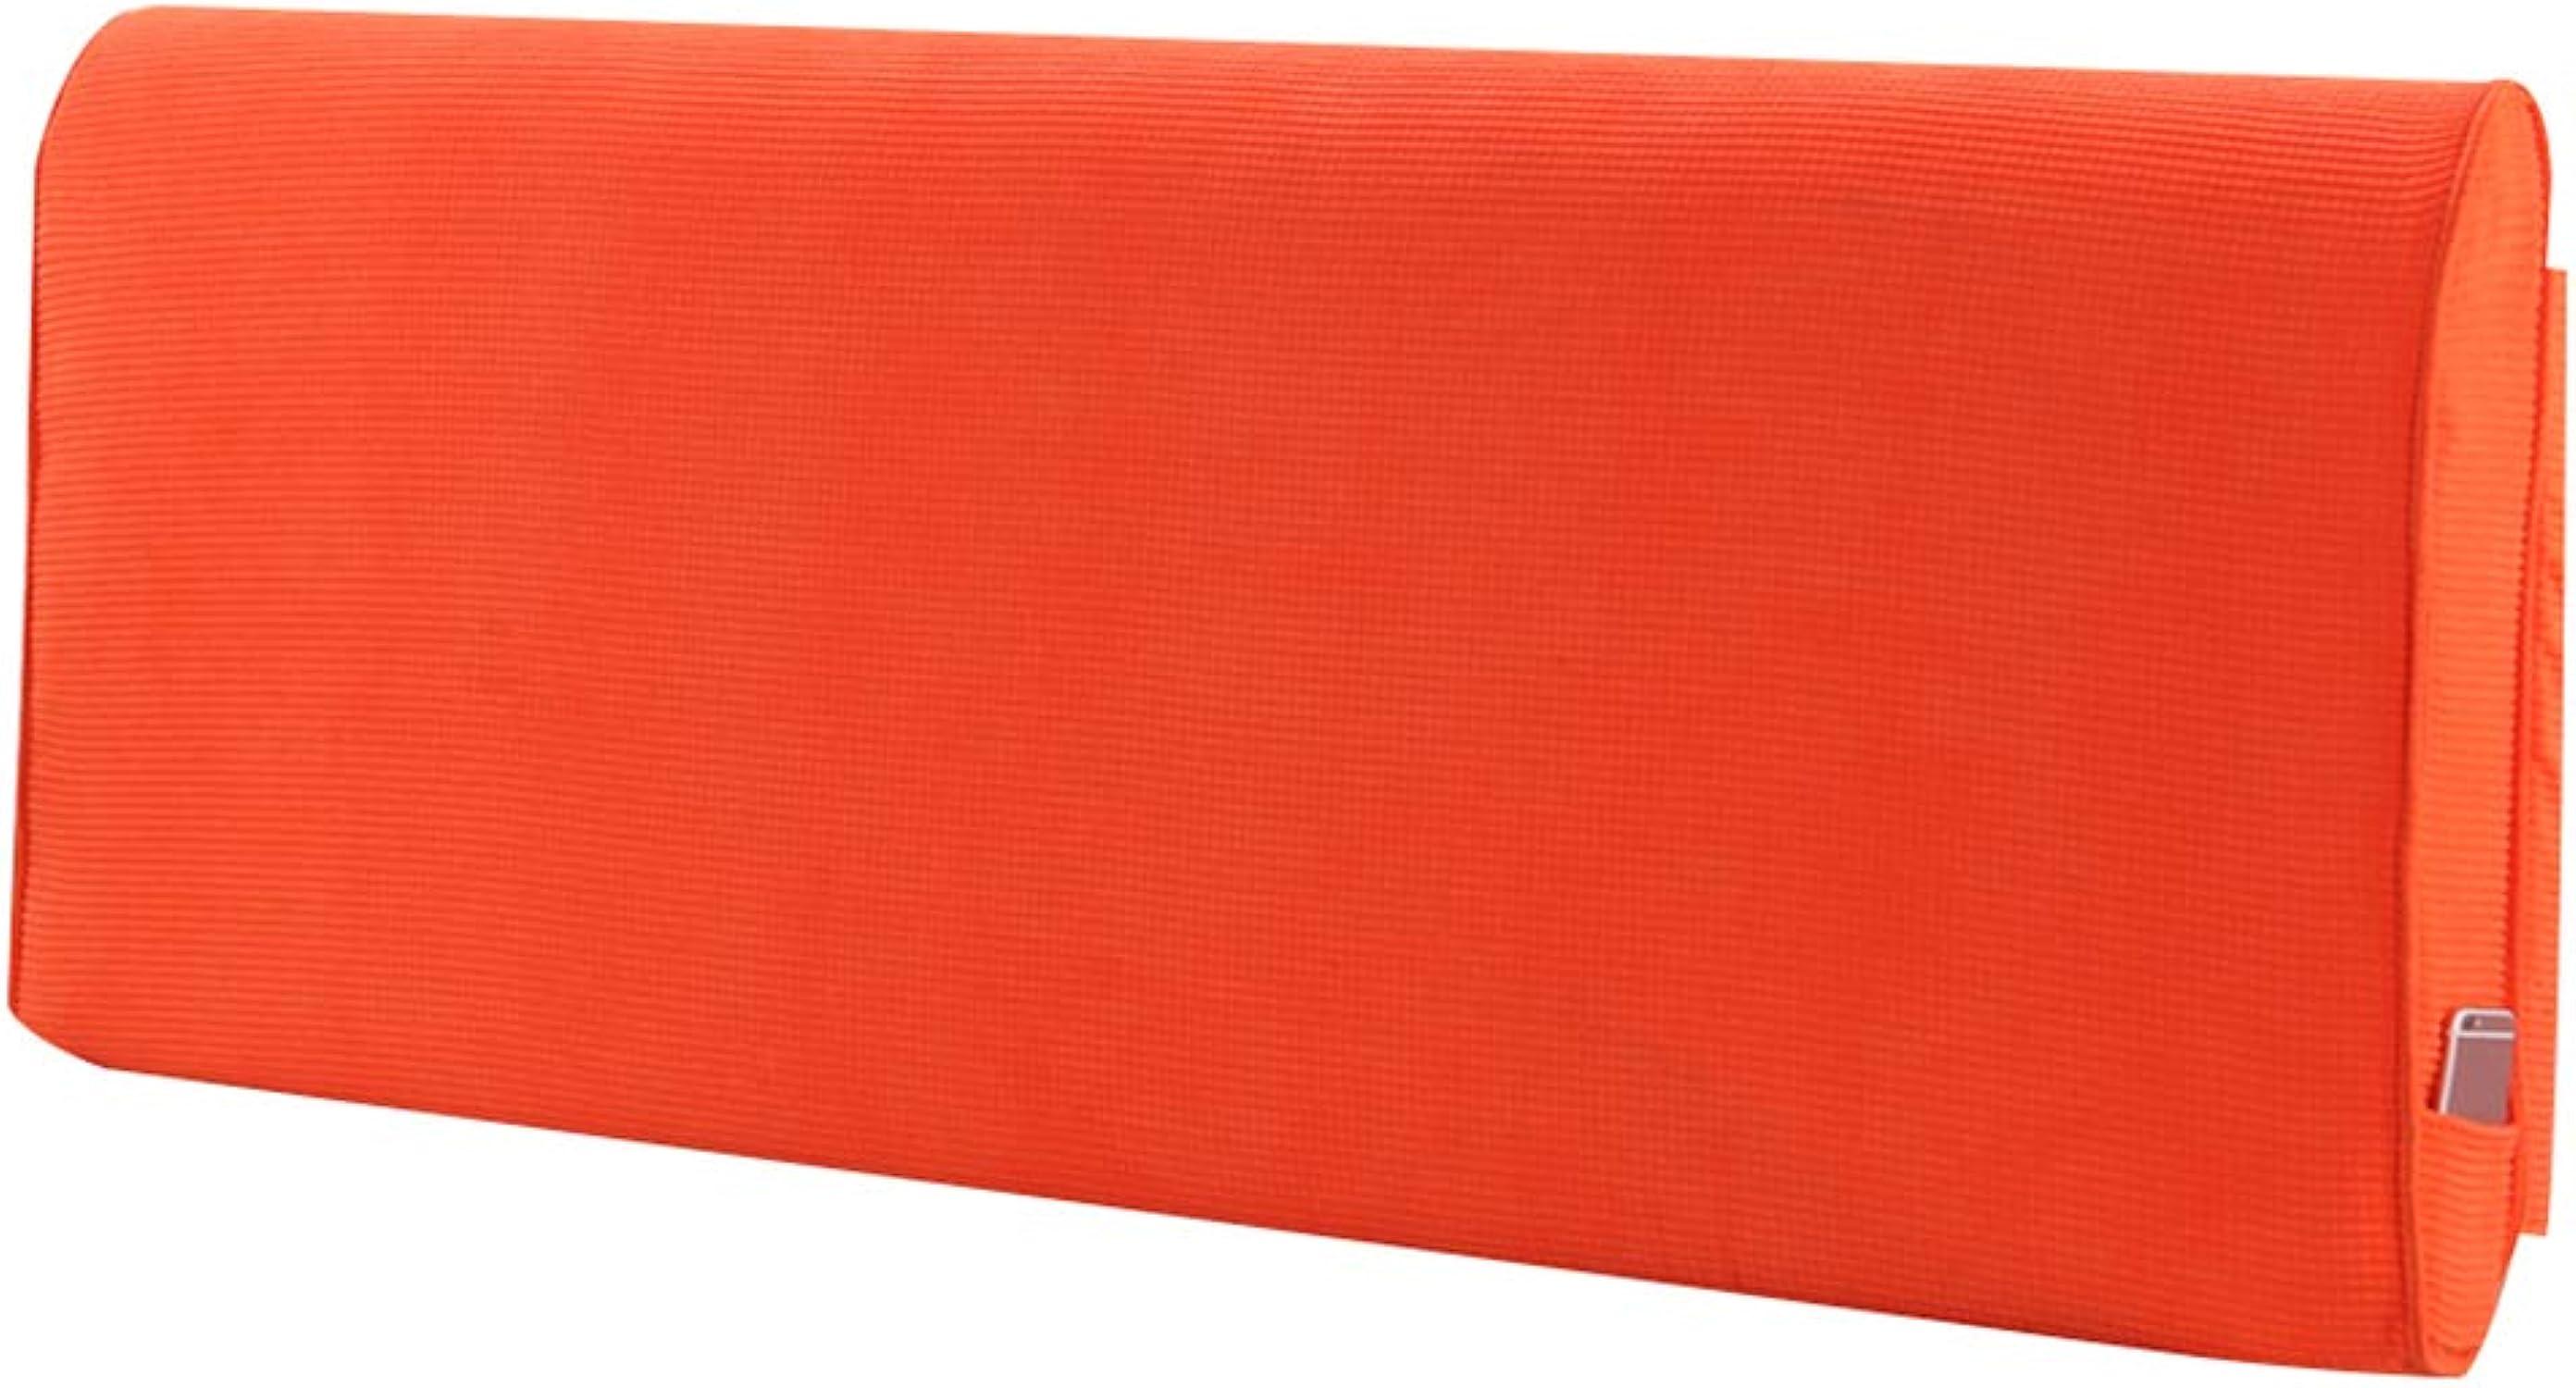 JYW-kaodian Tête De Lit Coussin Wedge PilFaible Housses De Coussins Oreiller Double étui Souple Oreiller de canapé, 10 Couleurs, 4 Tailles,Orange,120  10  60cm